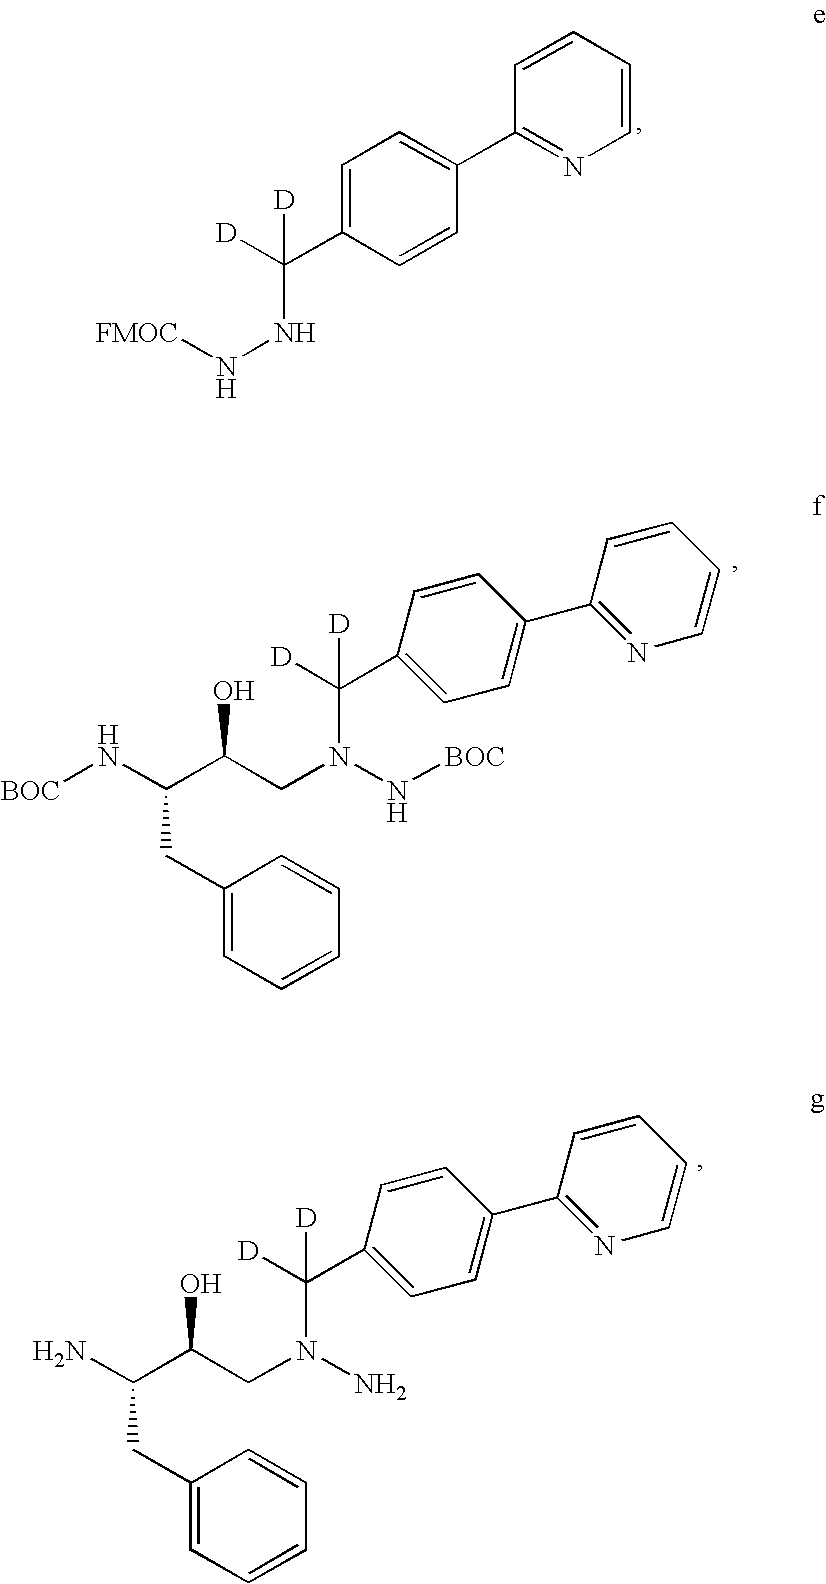 Figure US20090036357A1-20090205-C00024